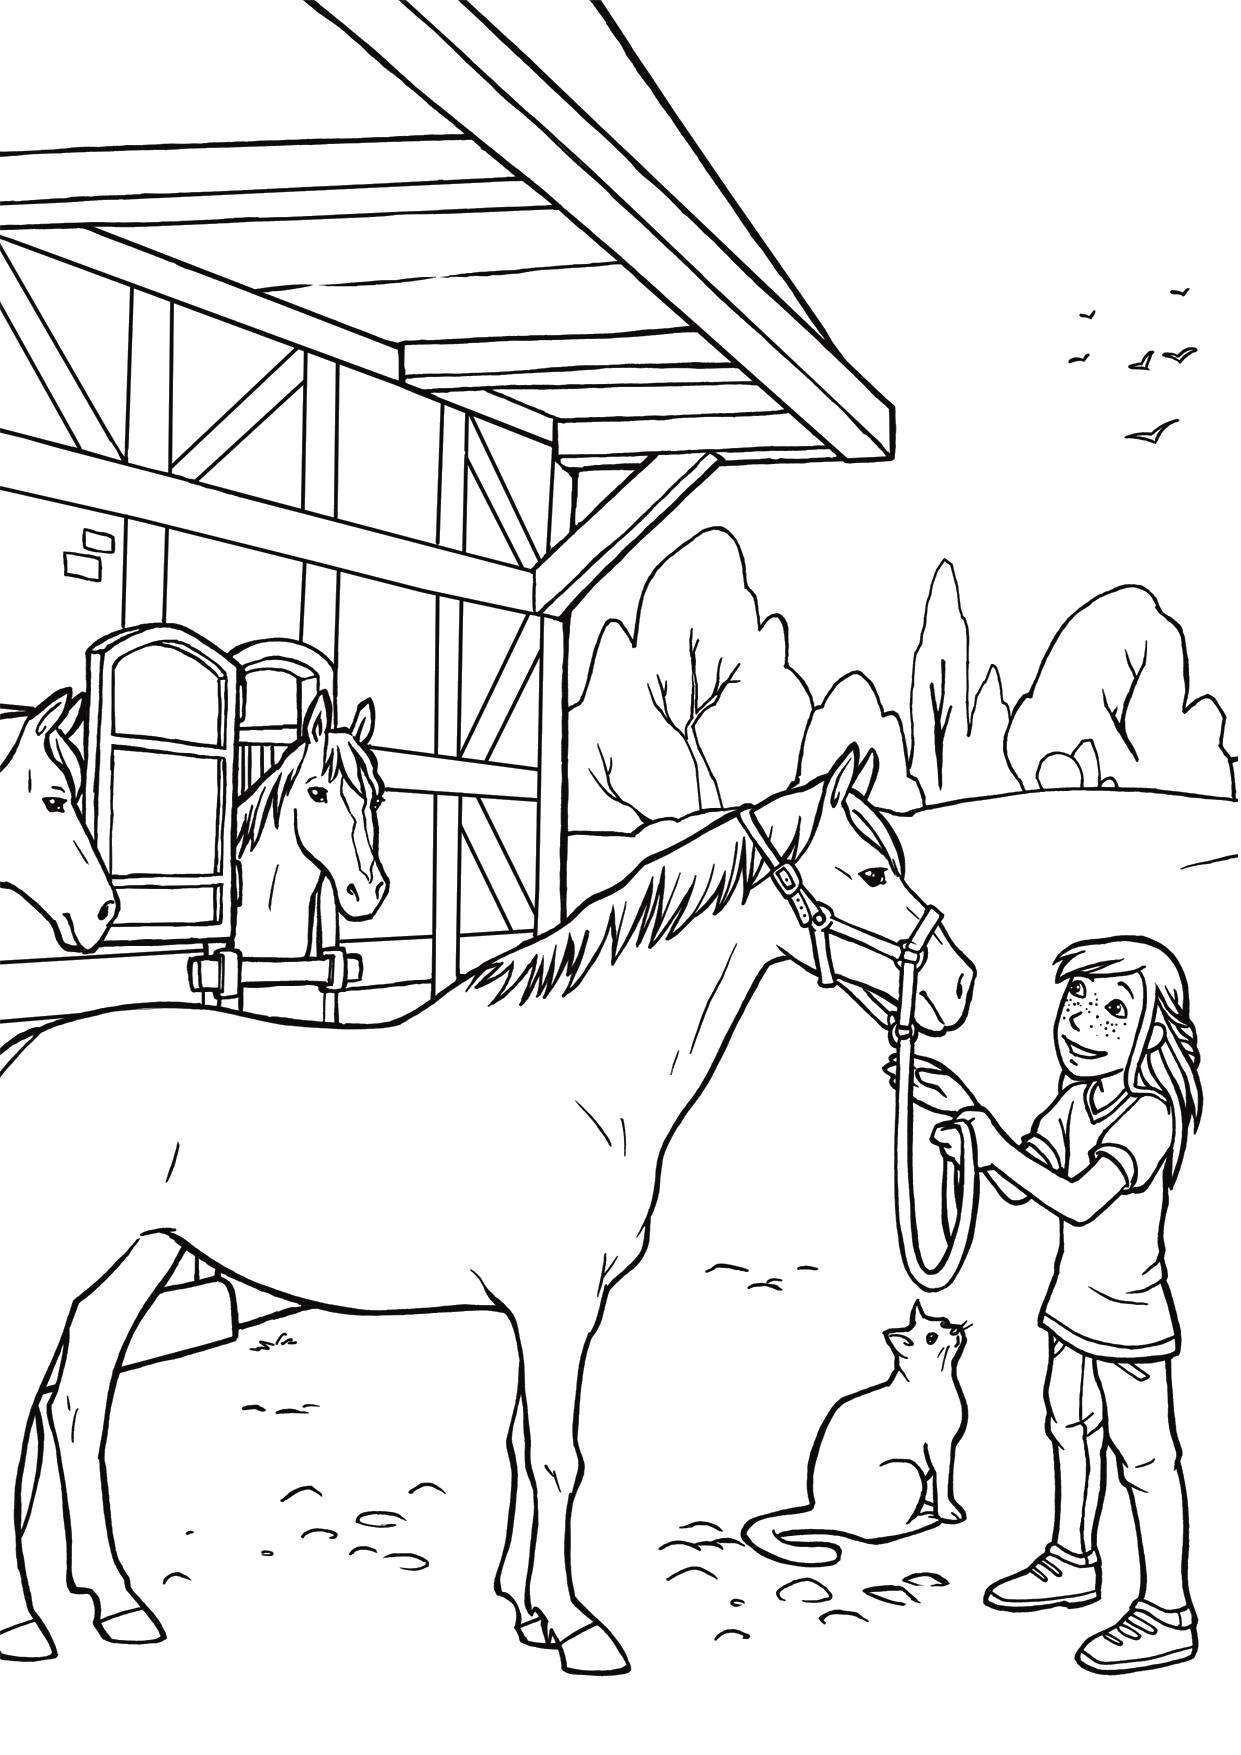 Uschi Window Color Malvorlagen Zum Ausdrucken Ausmalbilder Pferde Zum Ausdrucken Ausmalbilder Pferde Malvorlagen Pferde